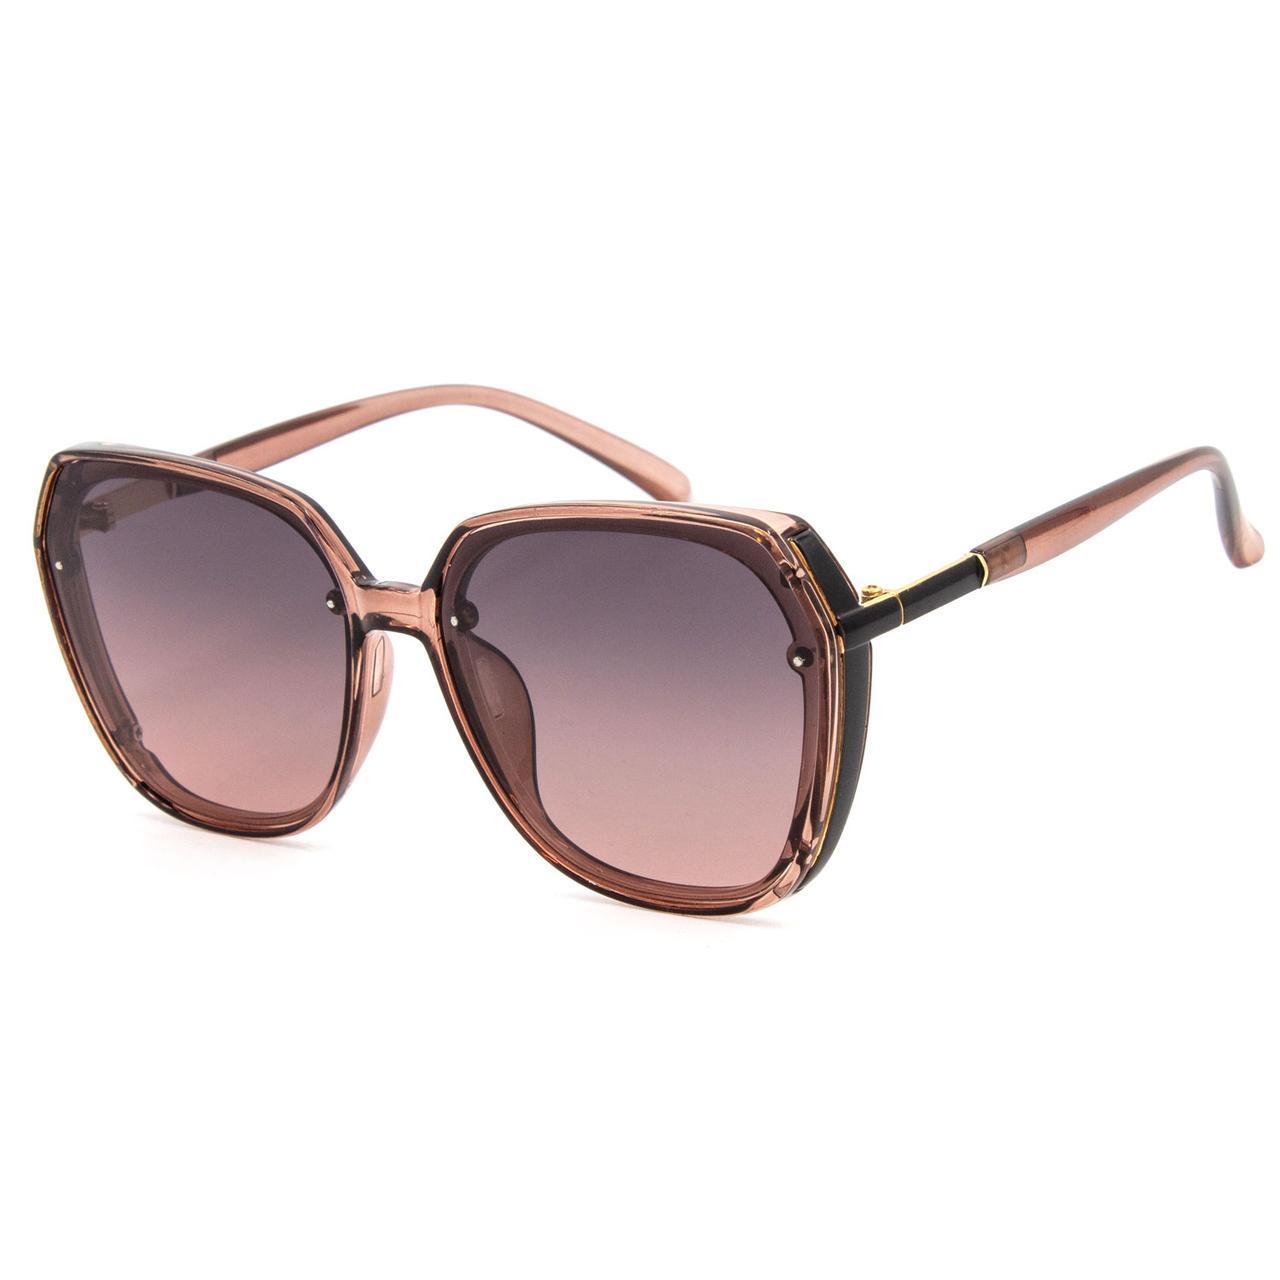 Солнцезащитные очки Marmilen Polar 3218 C6 бежевые    ( 3218-06 )